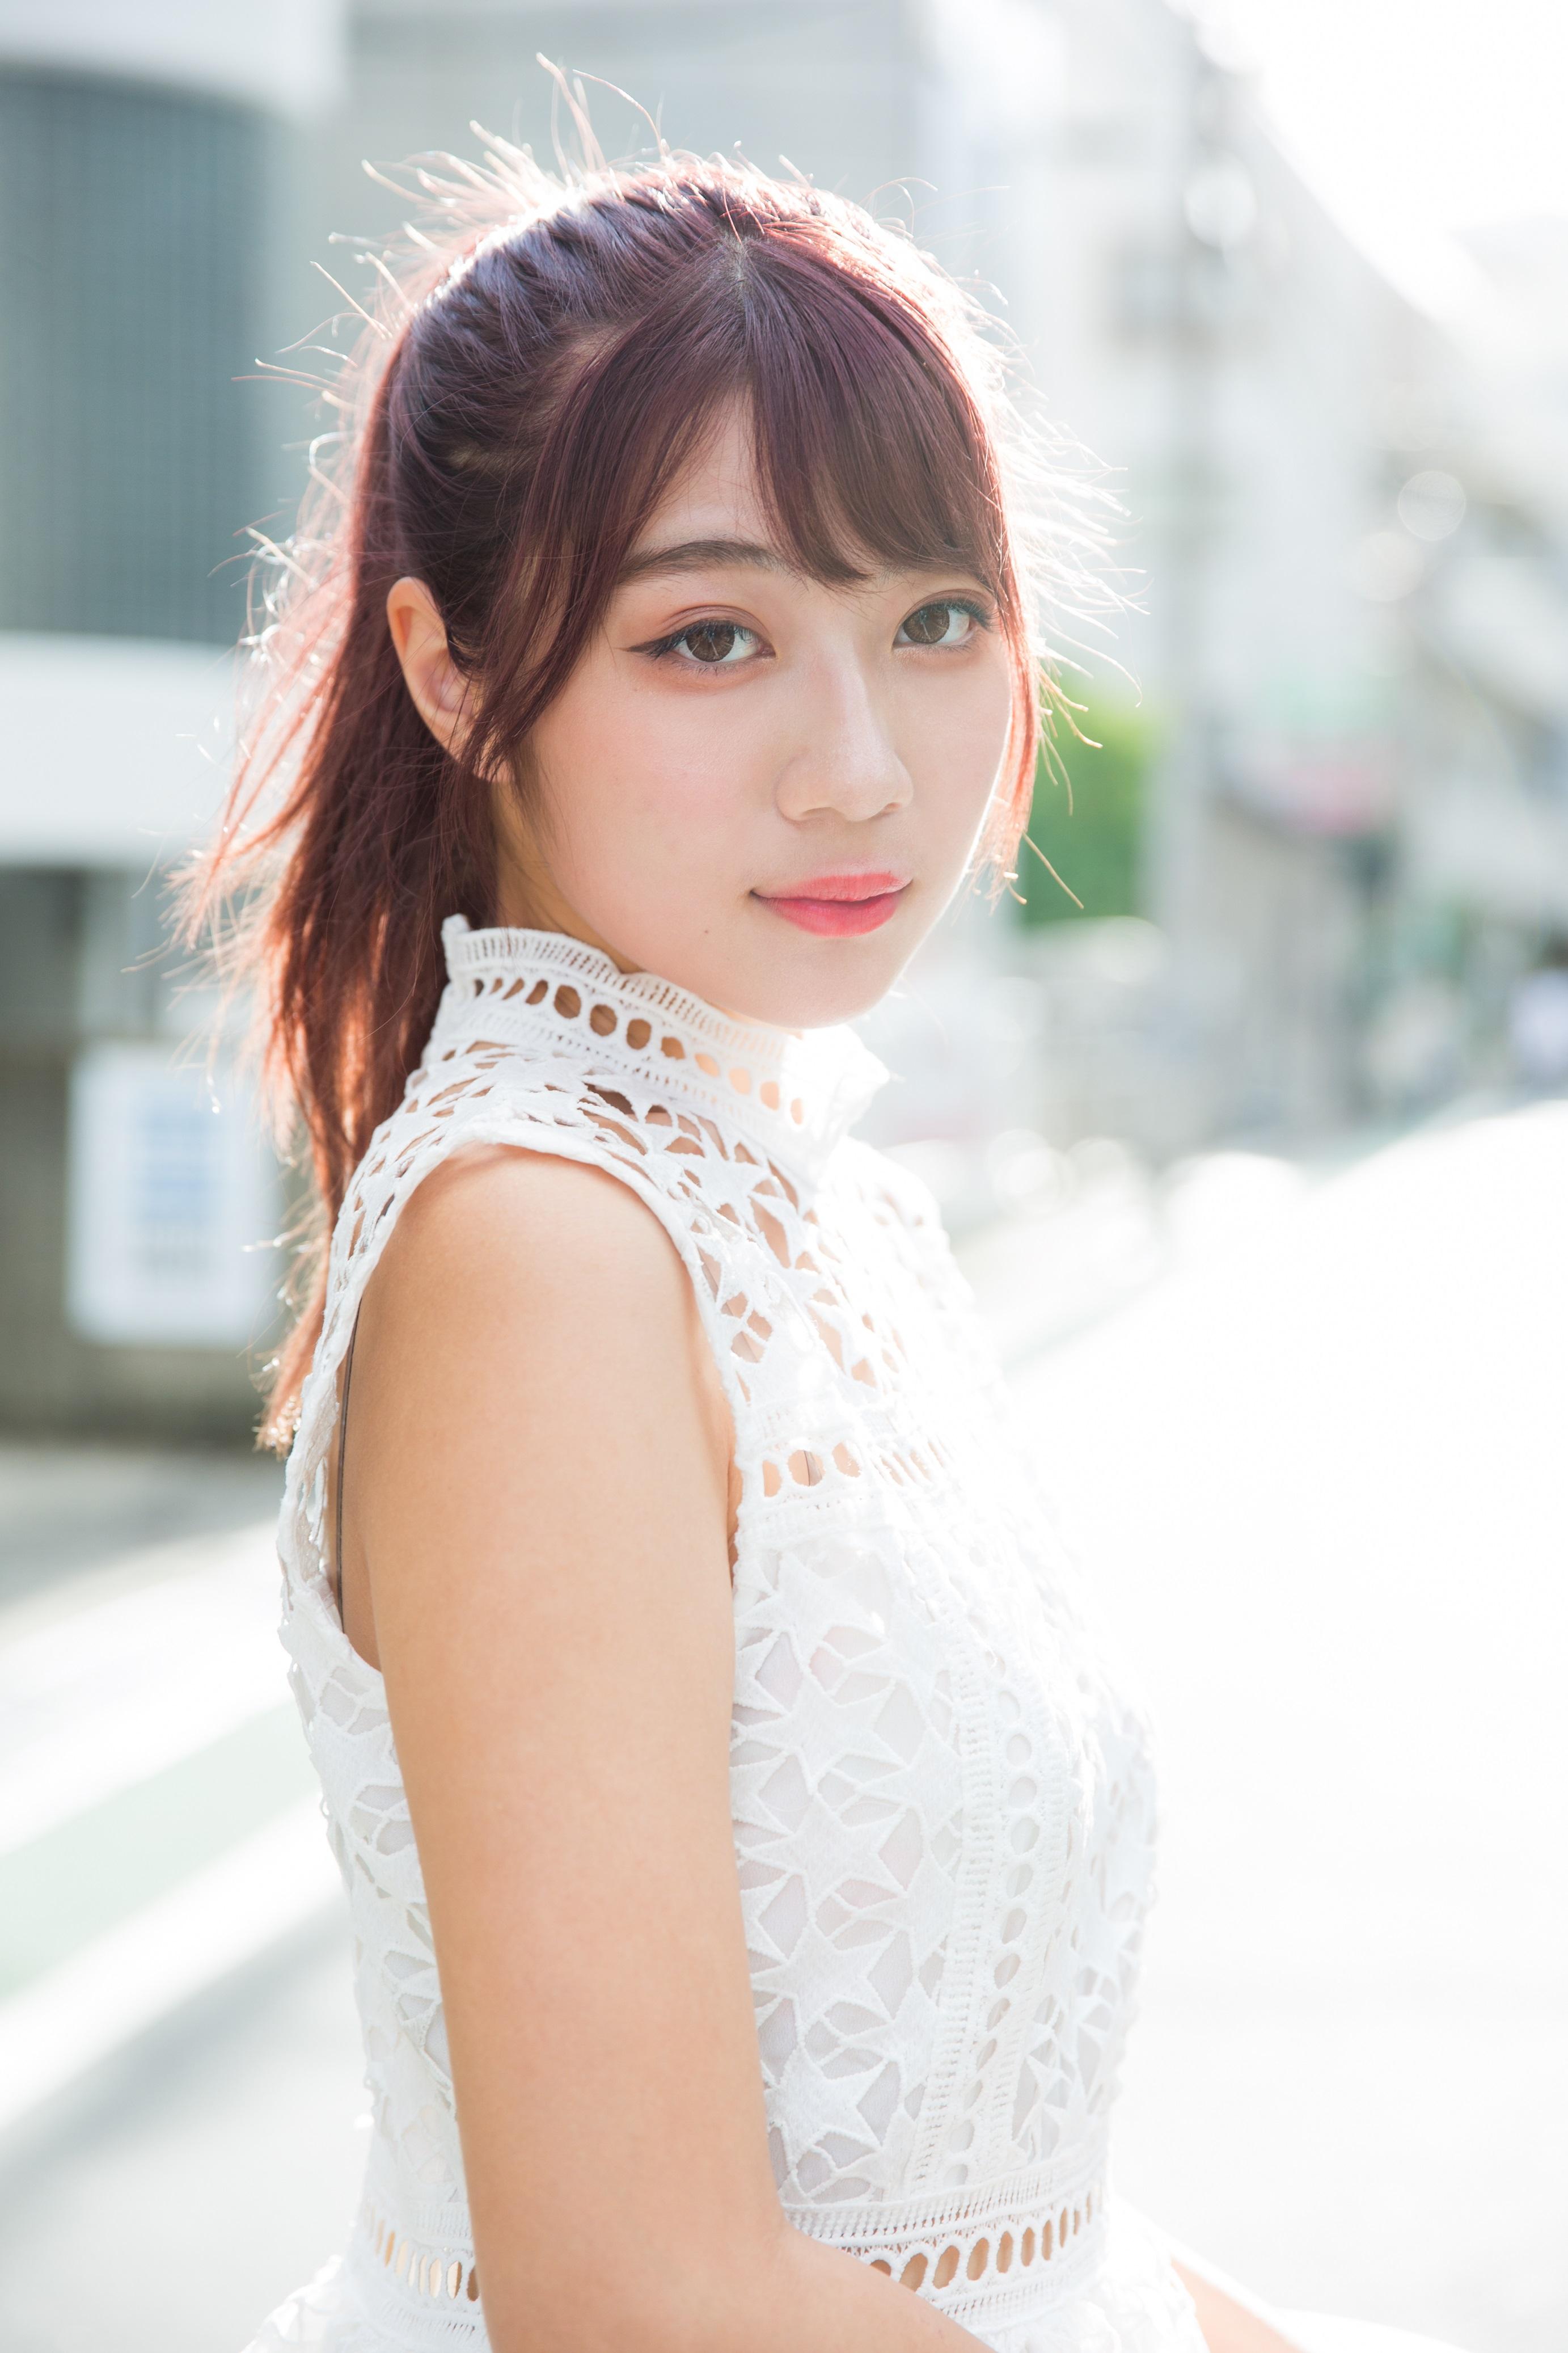 濱松明日香(ミス慶應コンテストのファイナリスト)